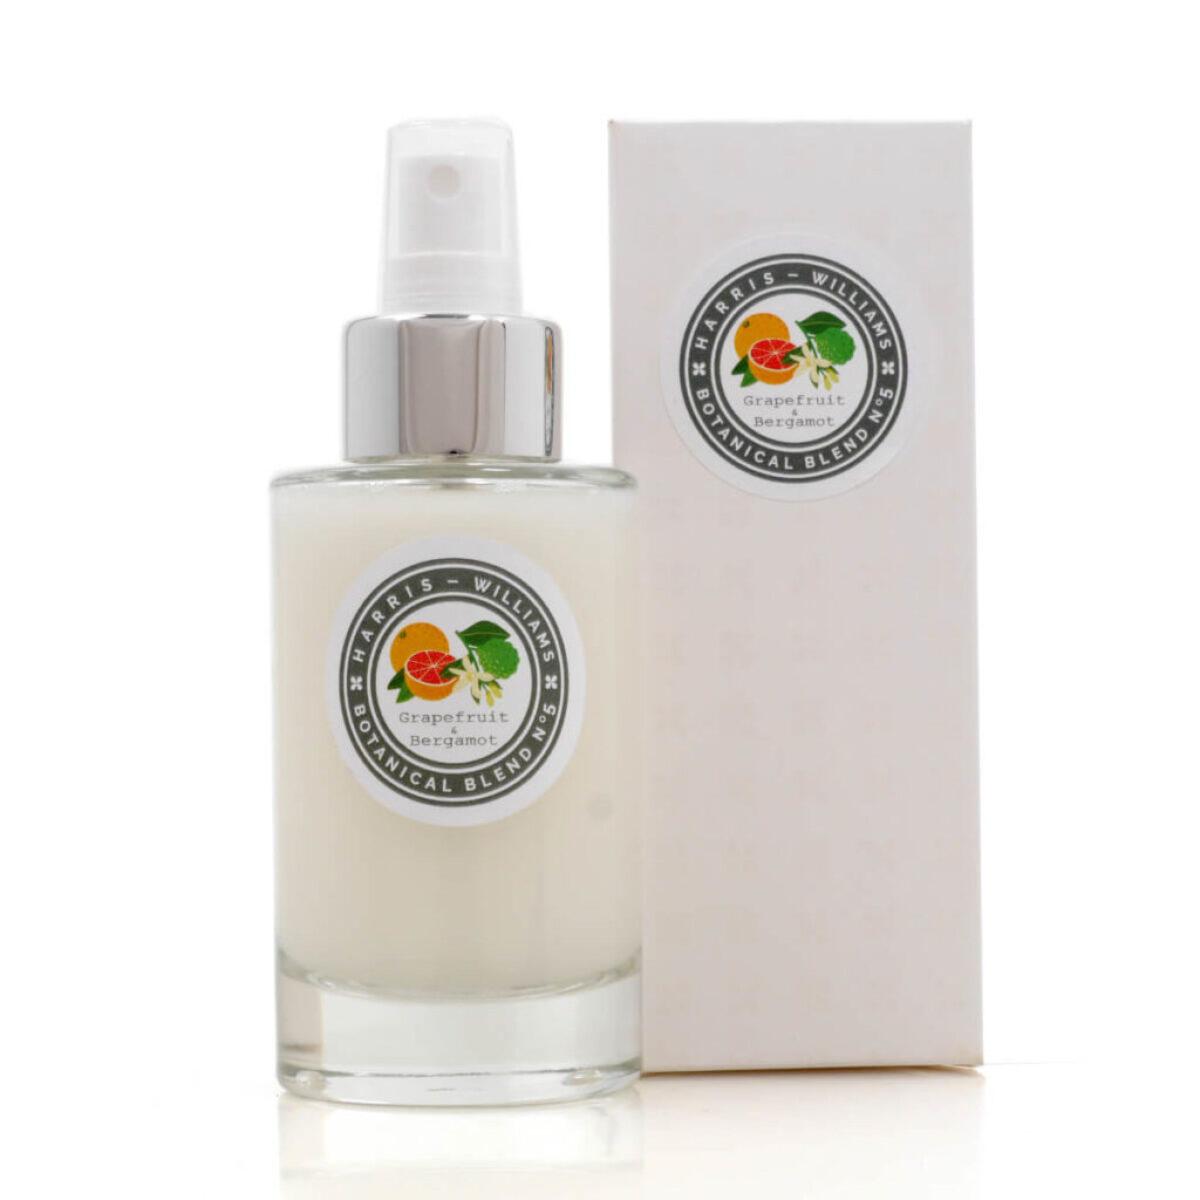 Botanical Blend No 5 Grapefruit & Bergamot Diffuser Room & Fabric Spray